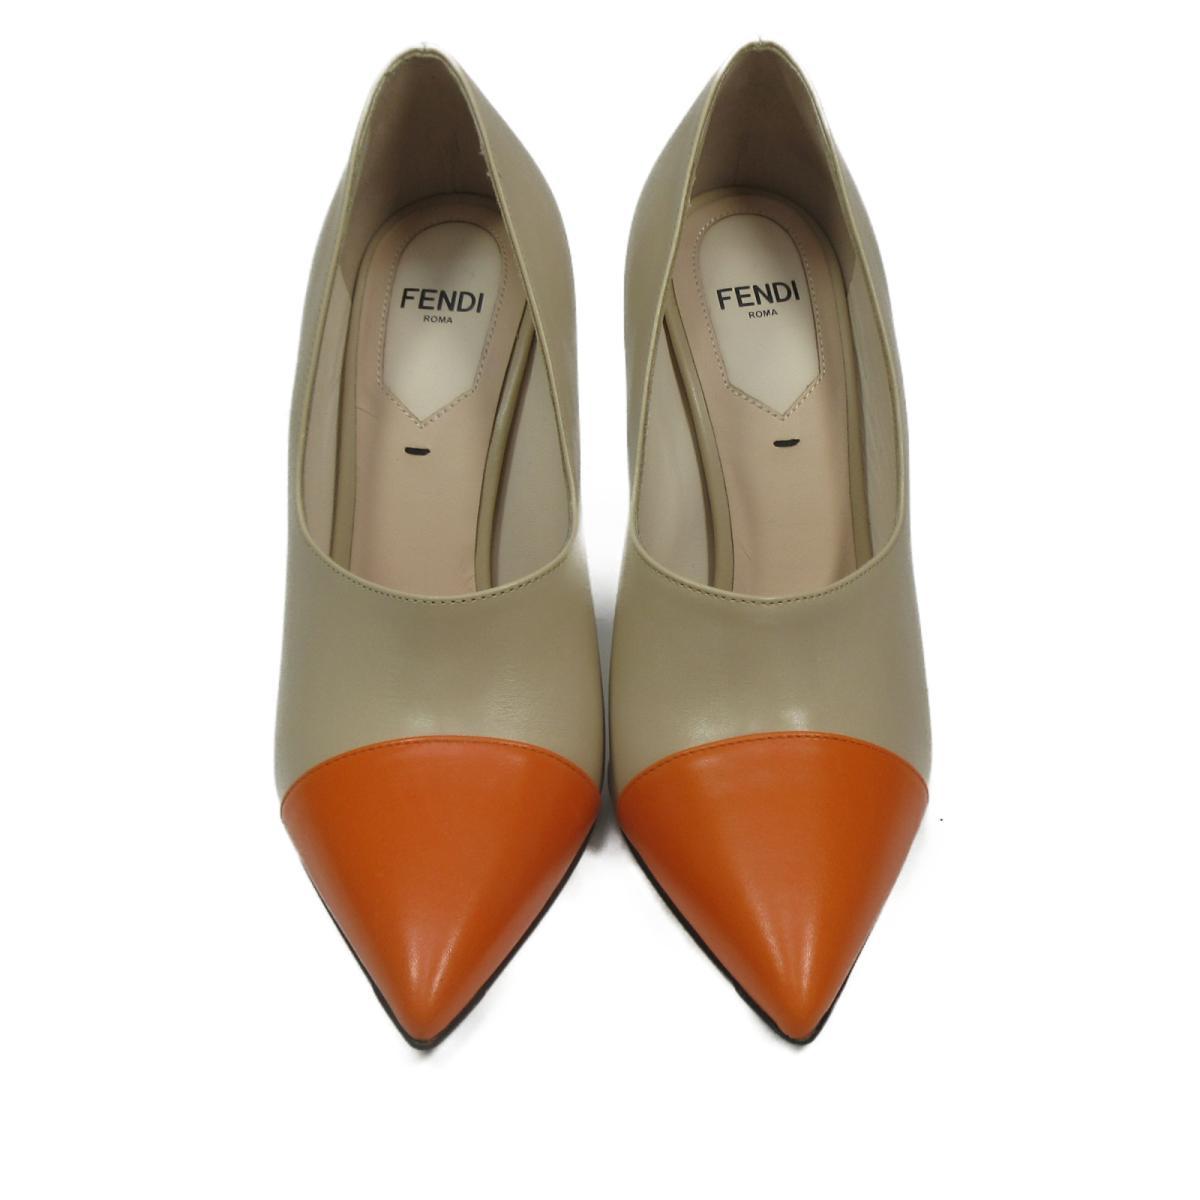 【中古】 フェンディ ブーティ レディース レザー ベージュ x オレンジ | FENDI くつ 靴 ブーティ 美品 ブランドオフ